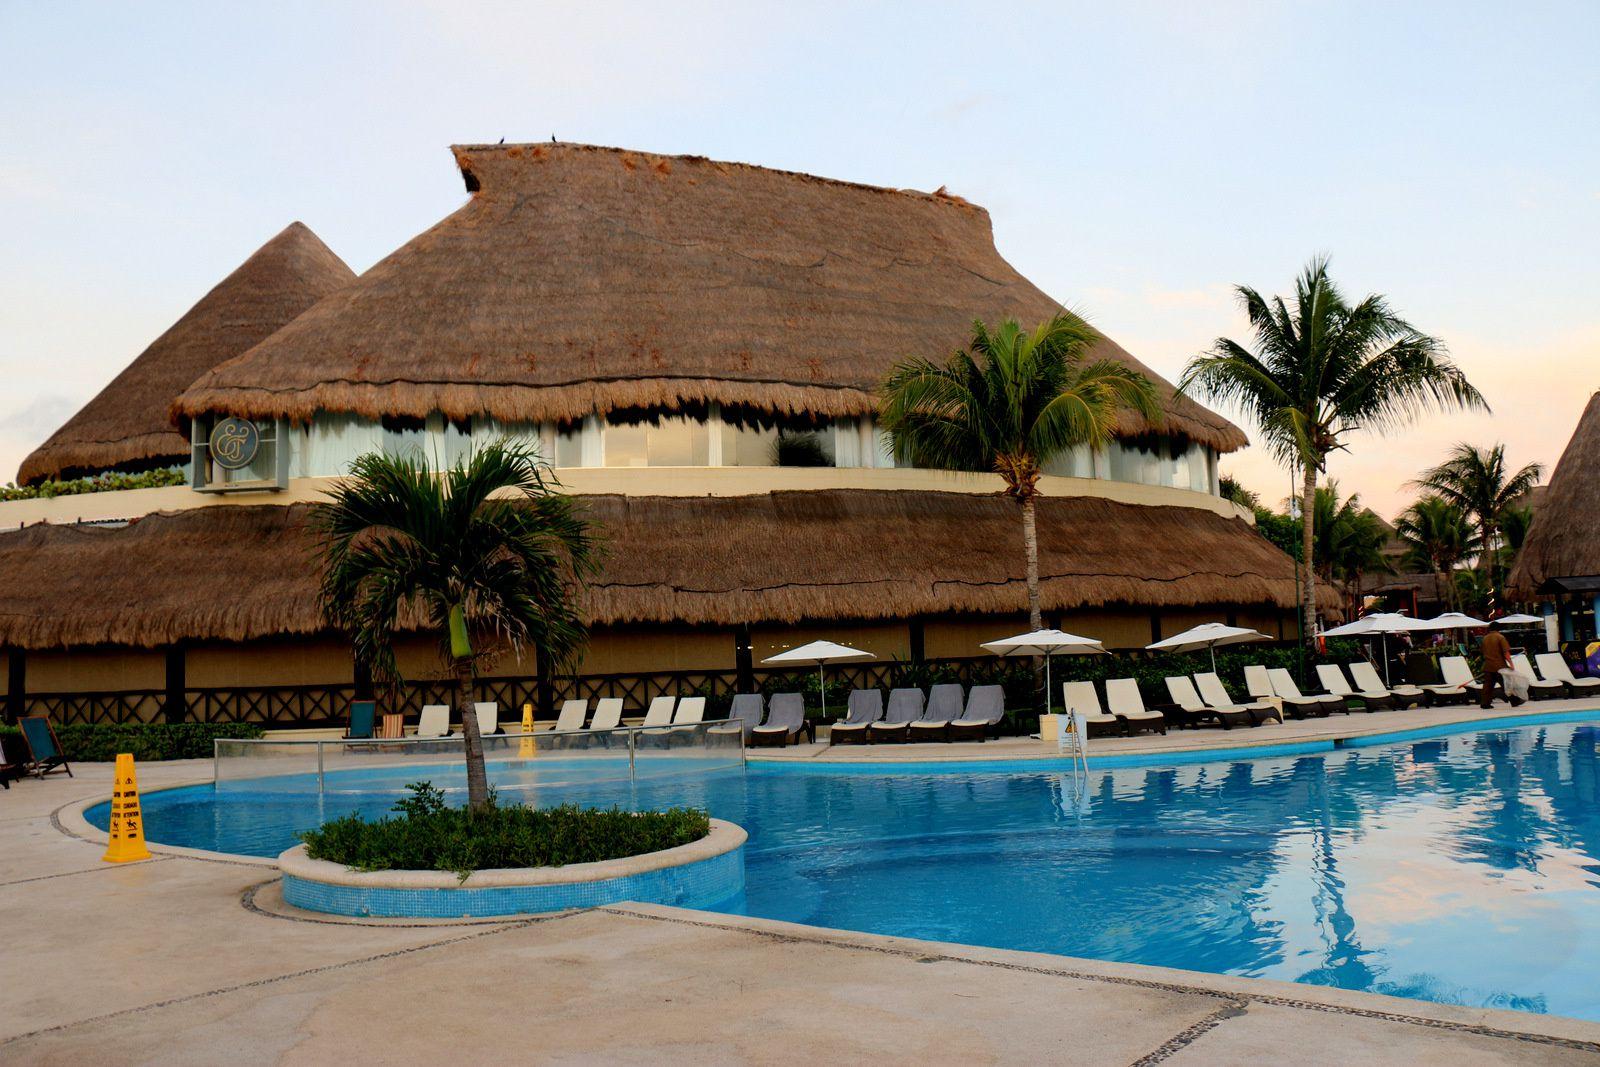 Plages et piscines du catalonia riviera playa mexique for Piscine ibiza riviera 2